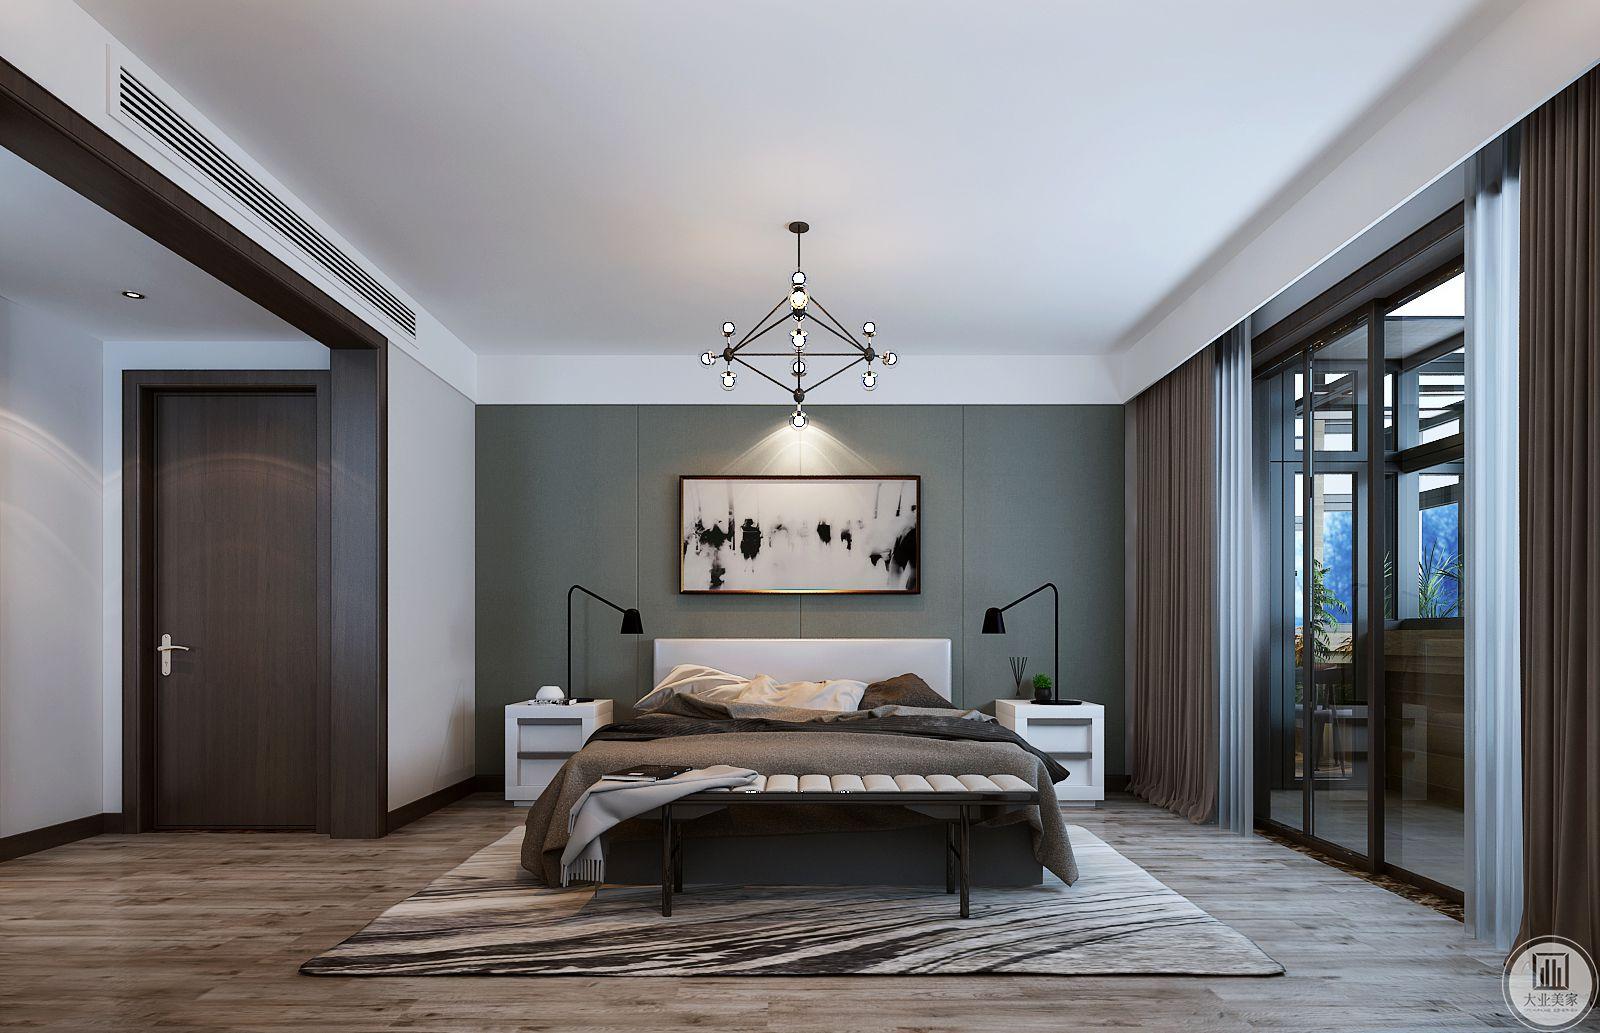 主卧室采用了对称平衡,床头背景墙使用浅绿色,床上的装饰以浅棕色为主,两侧搭配白色床头柜。